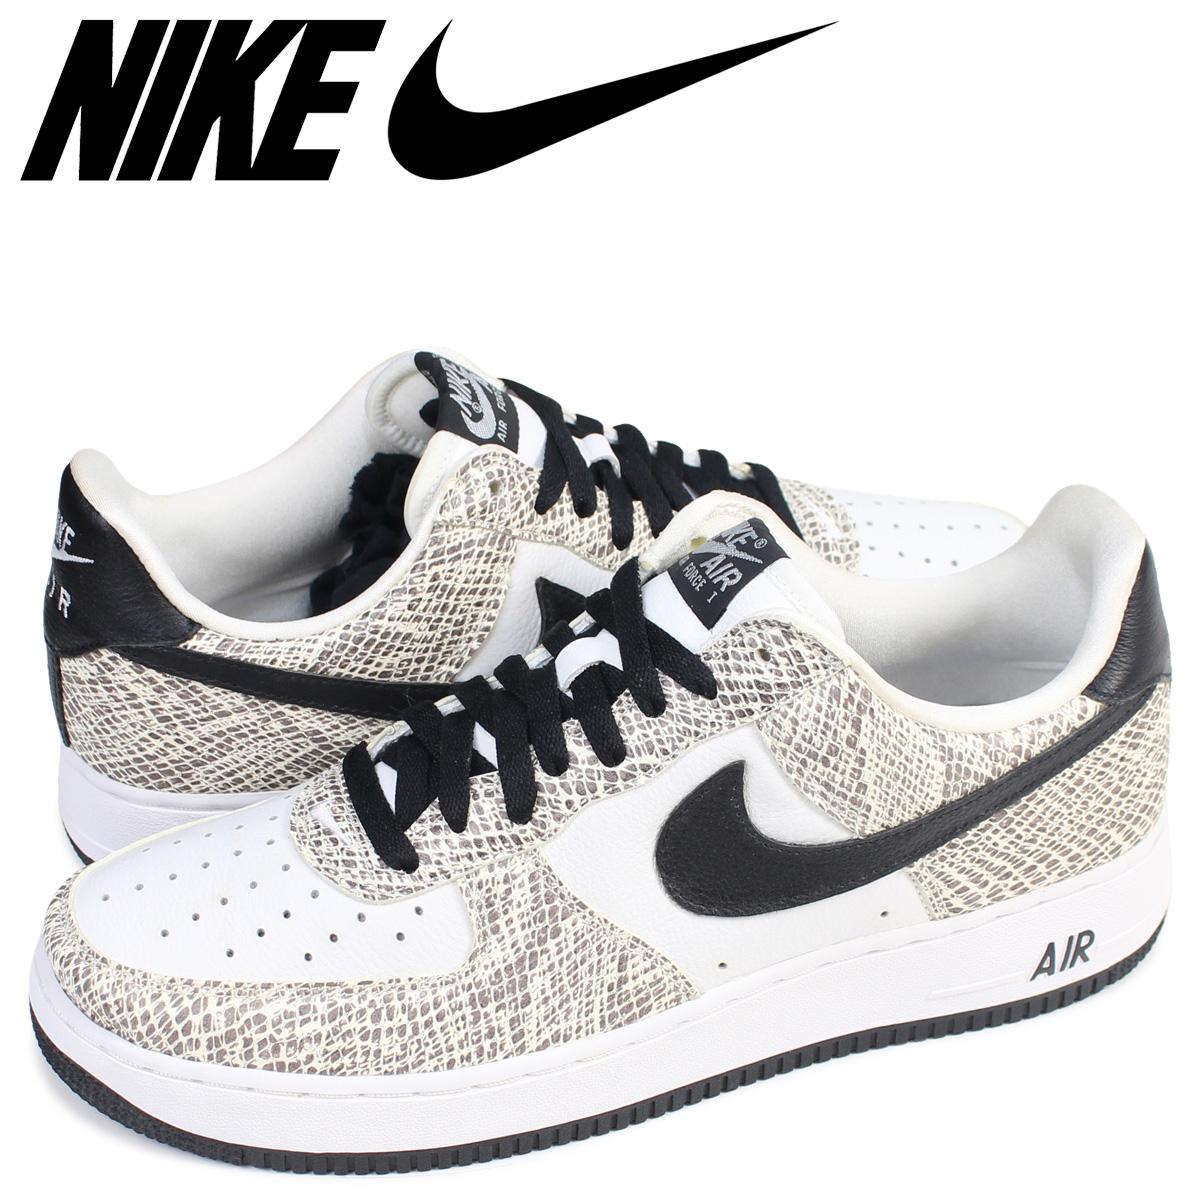 Nike Air Force 1 Low Retro | Weiß | Sneaker | 845053 101